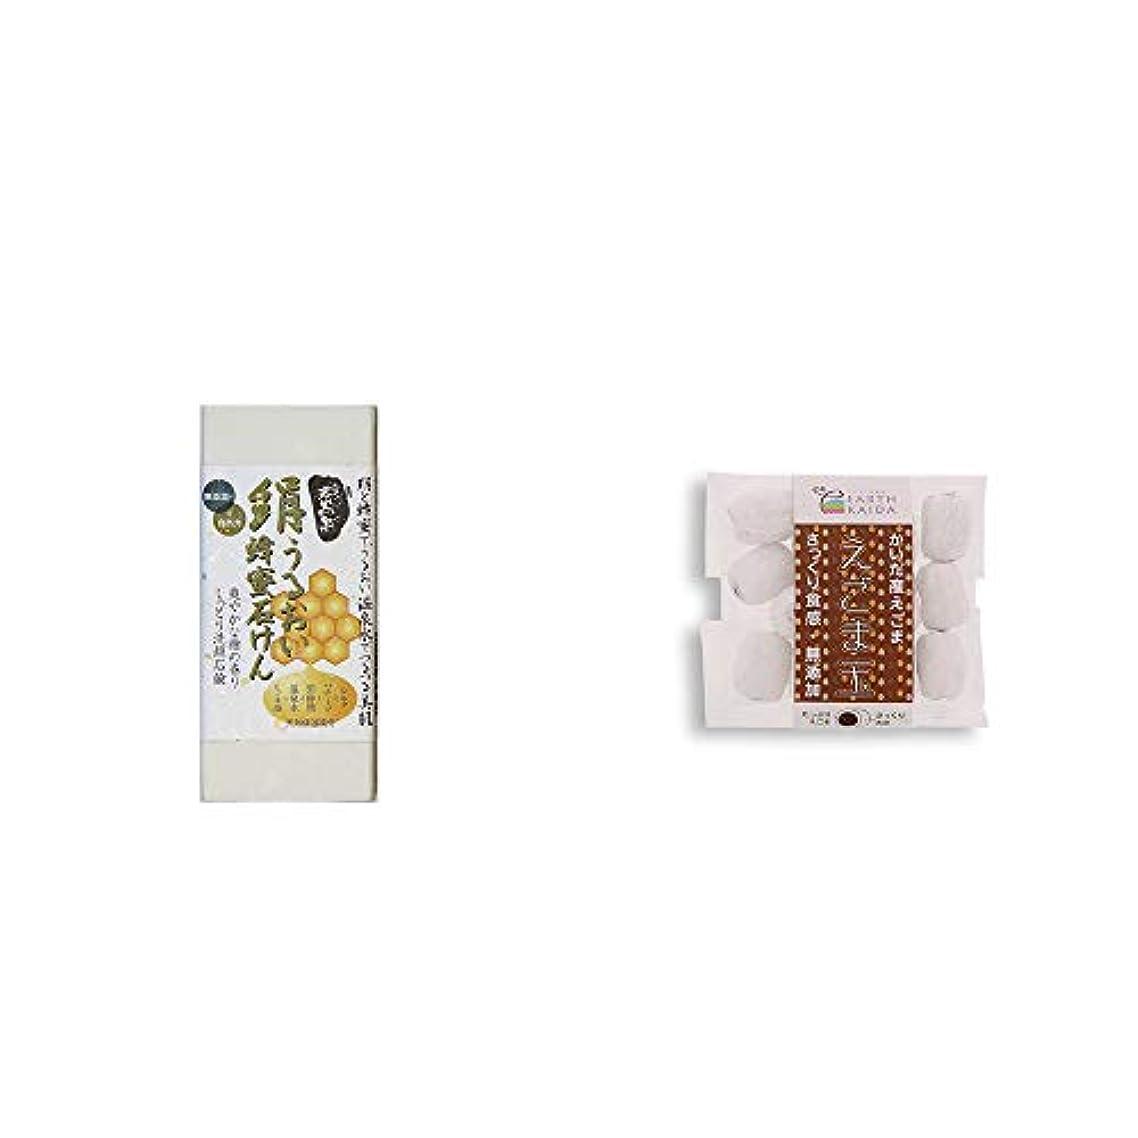 人間意外スケジュール[2点セット] ひのき炭黒泉 絹うるおい蜂蜜石けん(75g×2)?開田産えごま使用 えごま玉(100g)